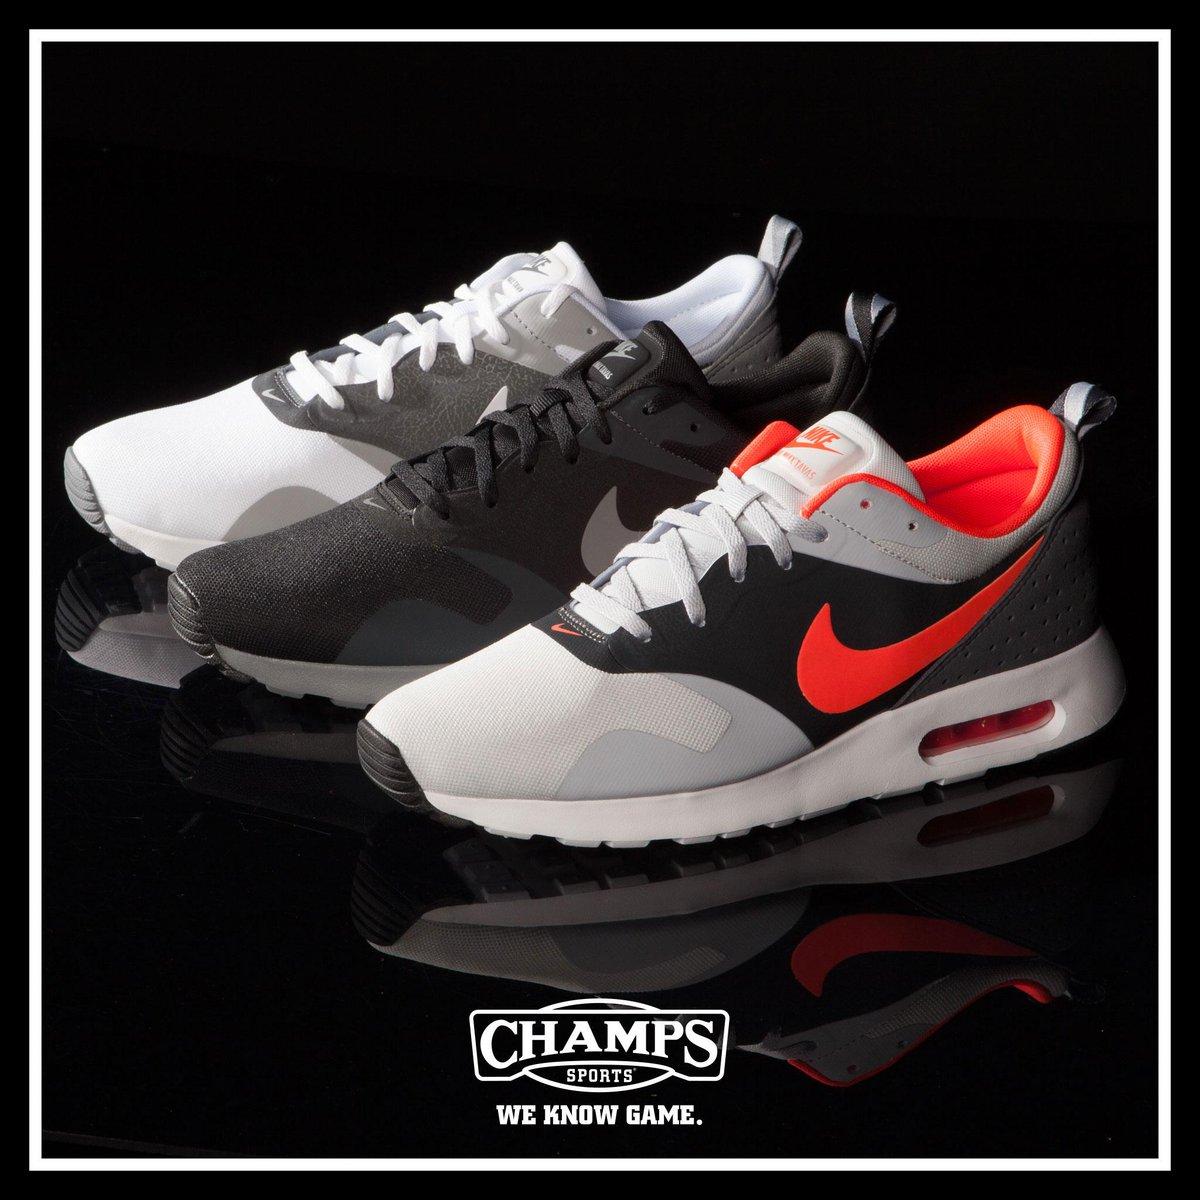 """3104af17050b3a  FSchrehardt RT"""" champssports  Nike Air Max Tavas means business.  http   trib.al FDtCa2S pic.twitter.com WROfXxWHC7"""""""